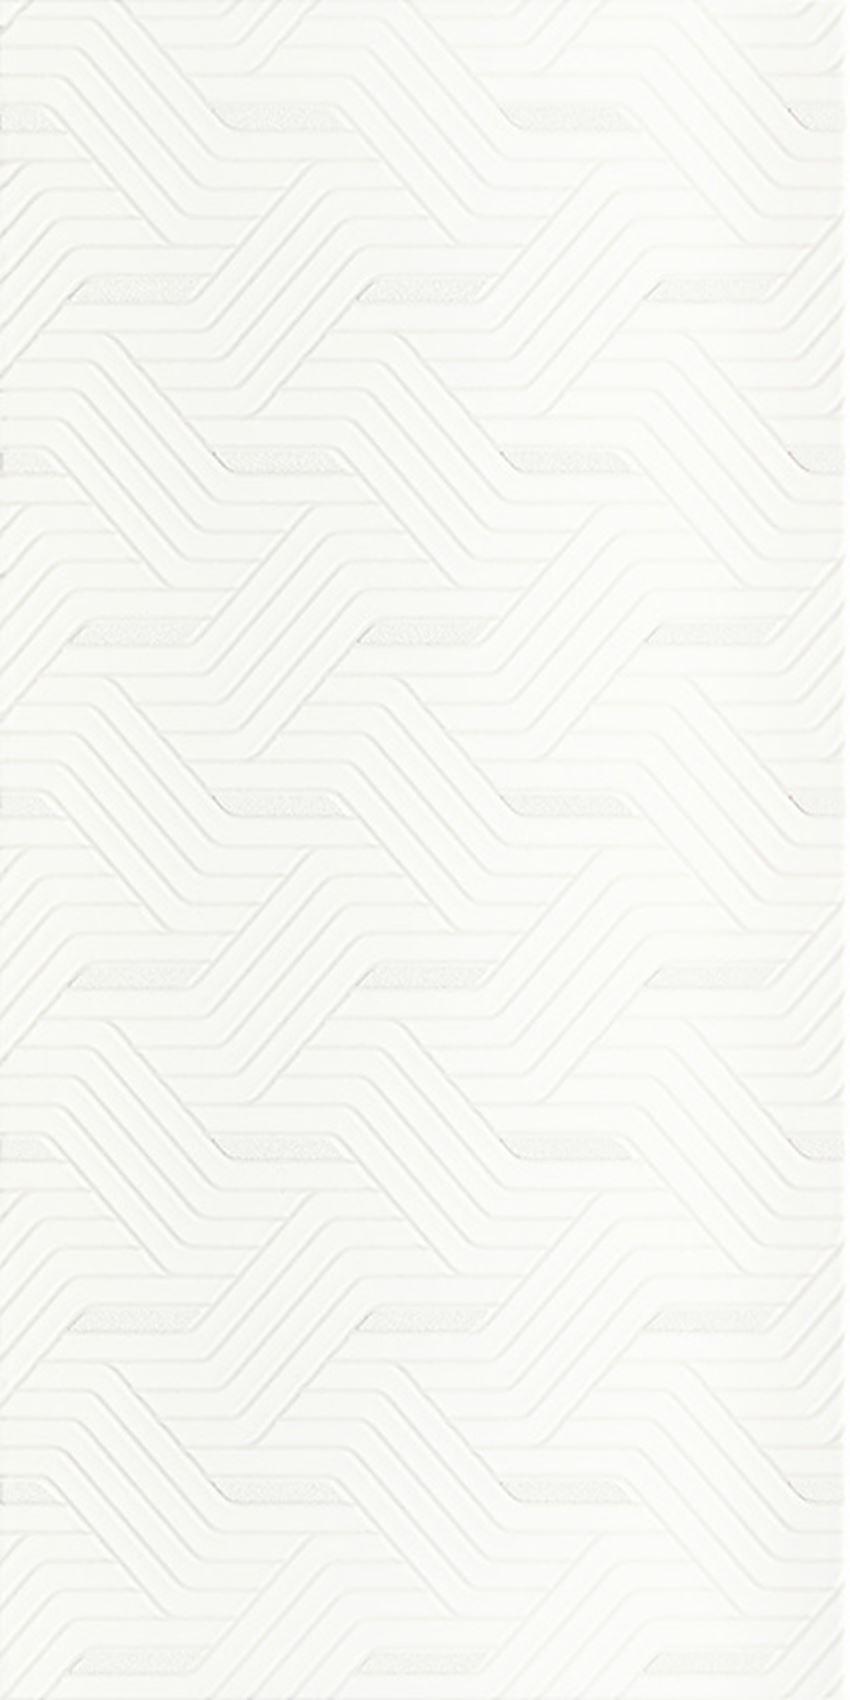 Dekoracja ścienna 30x60 cm Paradyż Synergy Bianco Inserto